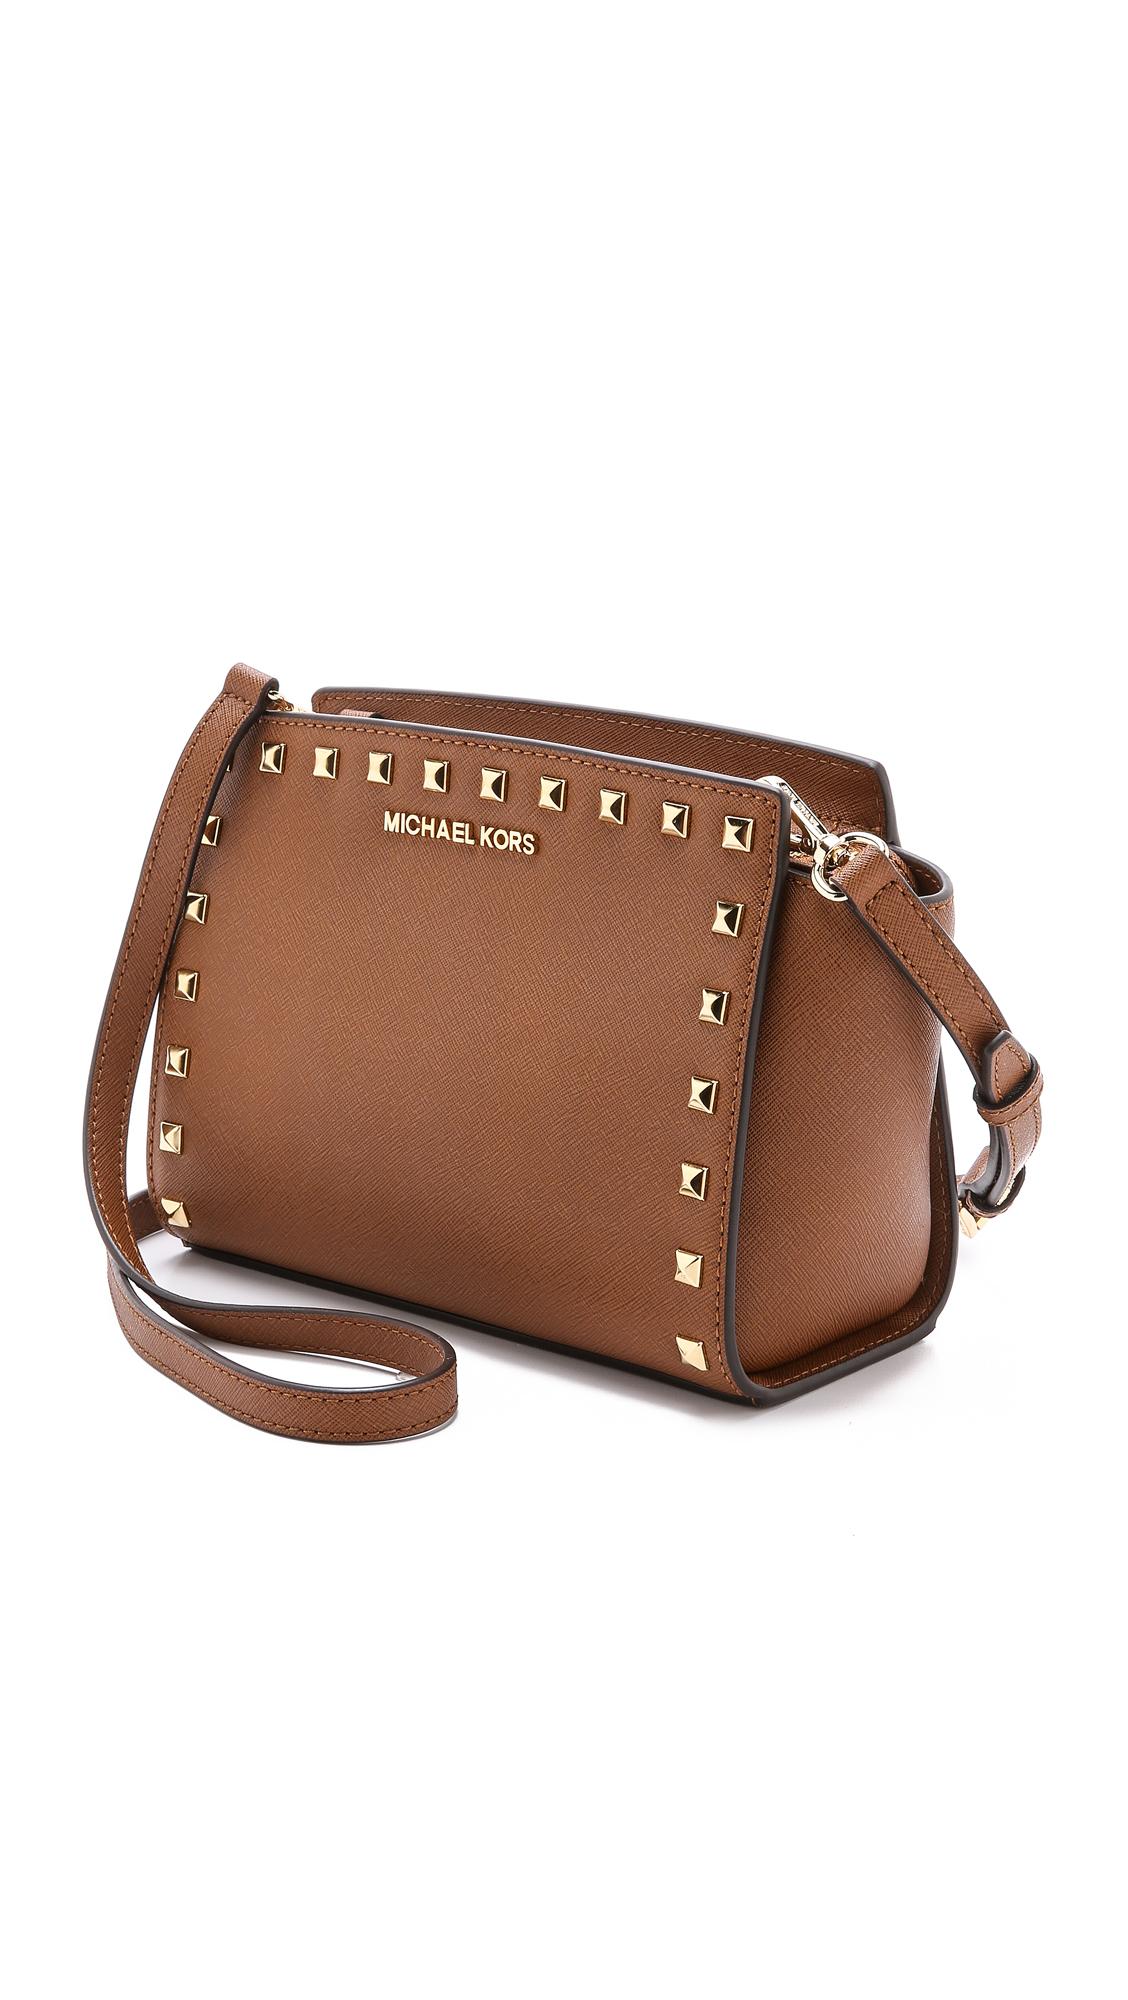 e57485bfbe37 ... MICHAEL Michael Kors Selma Stud Messenger Bag SHOPBOP ...